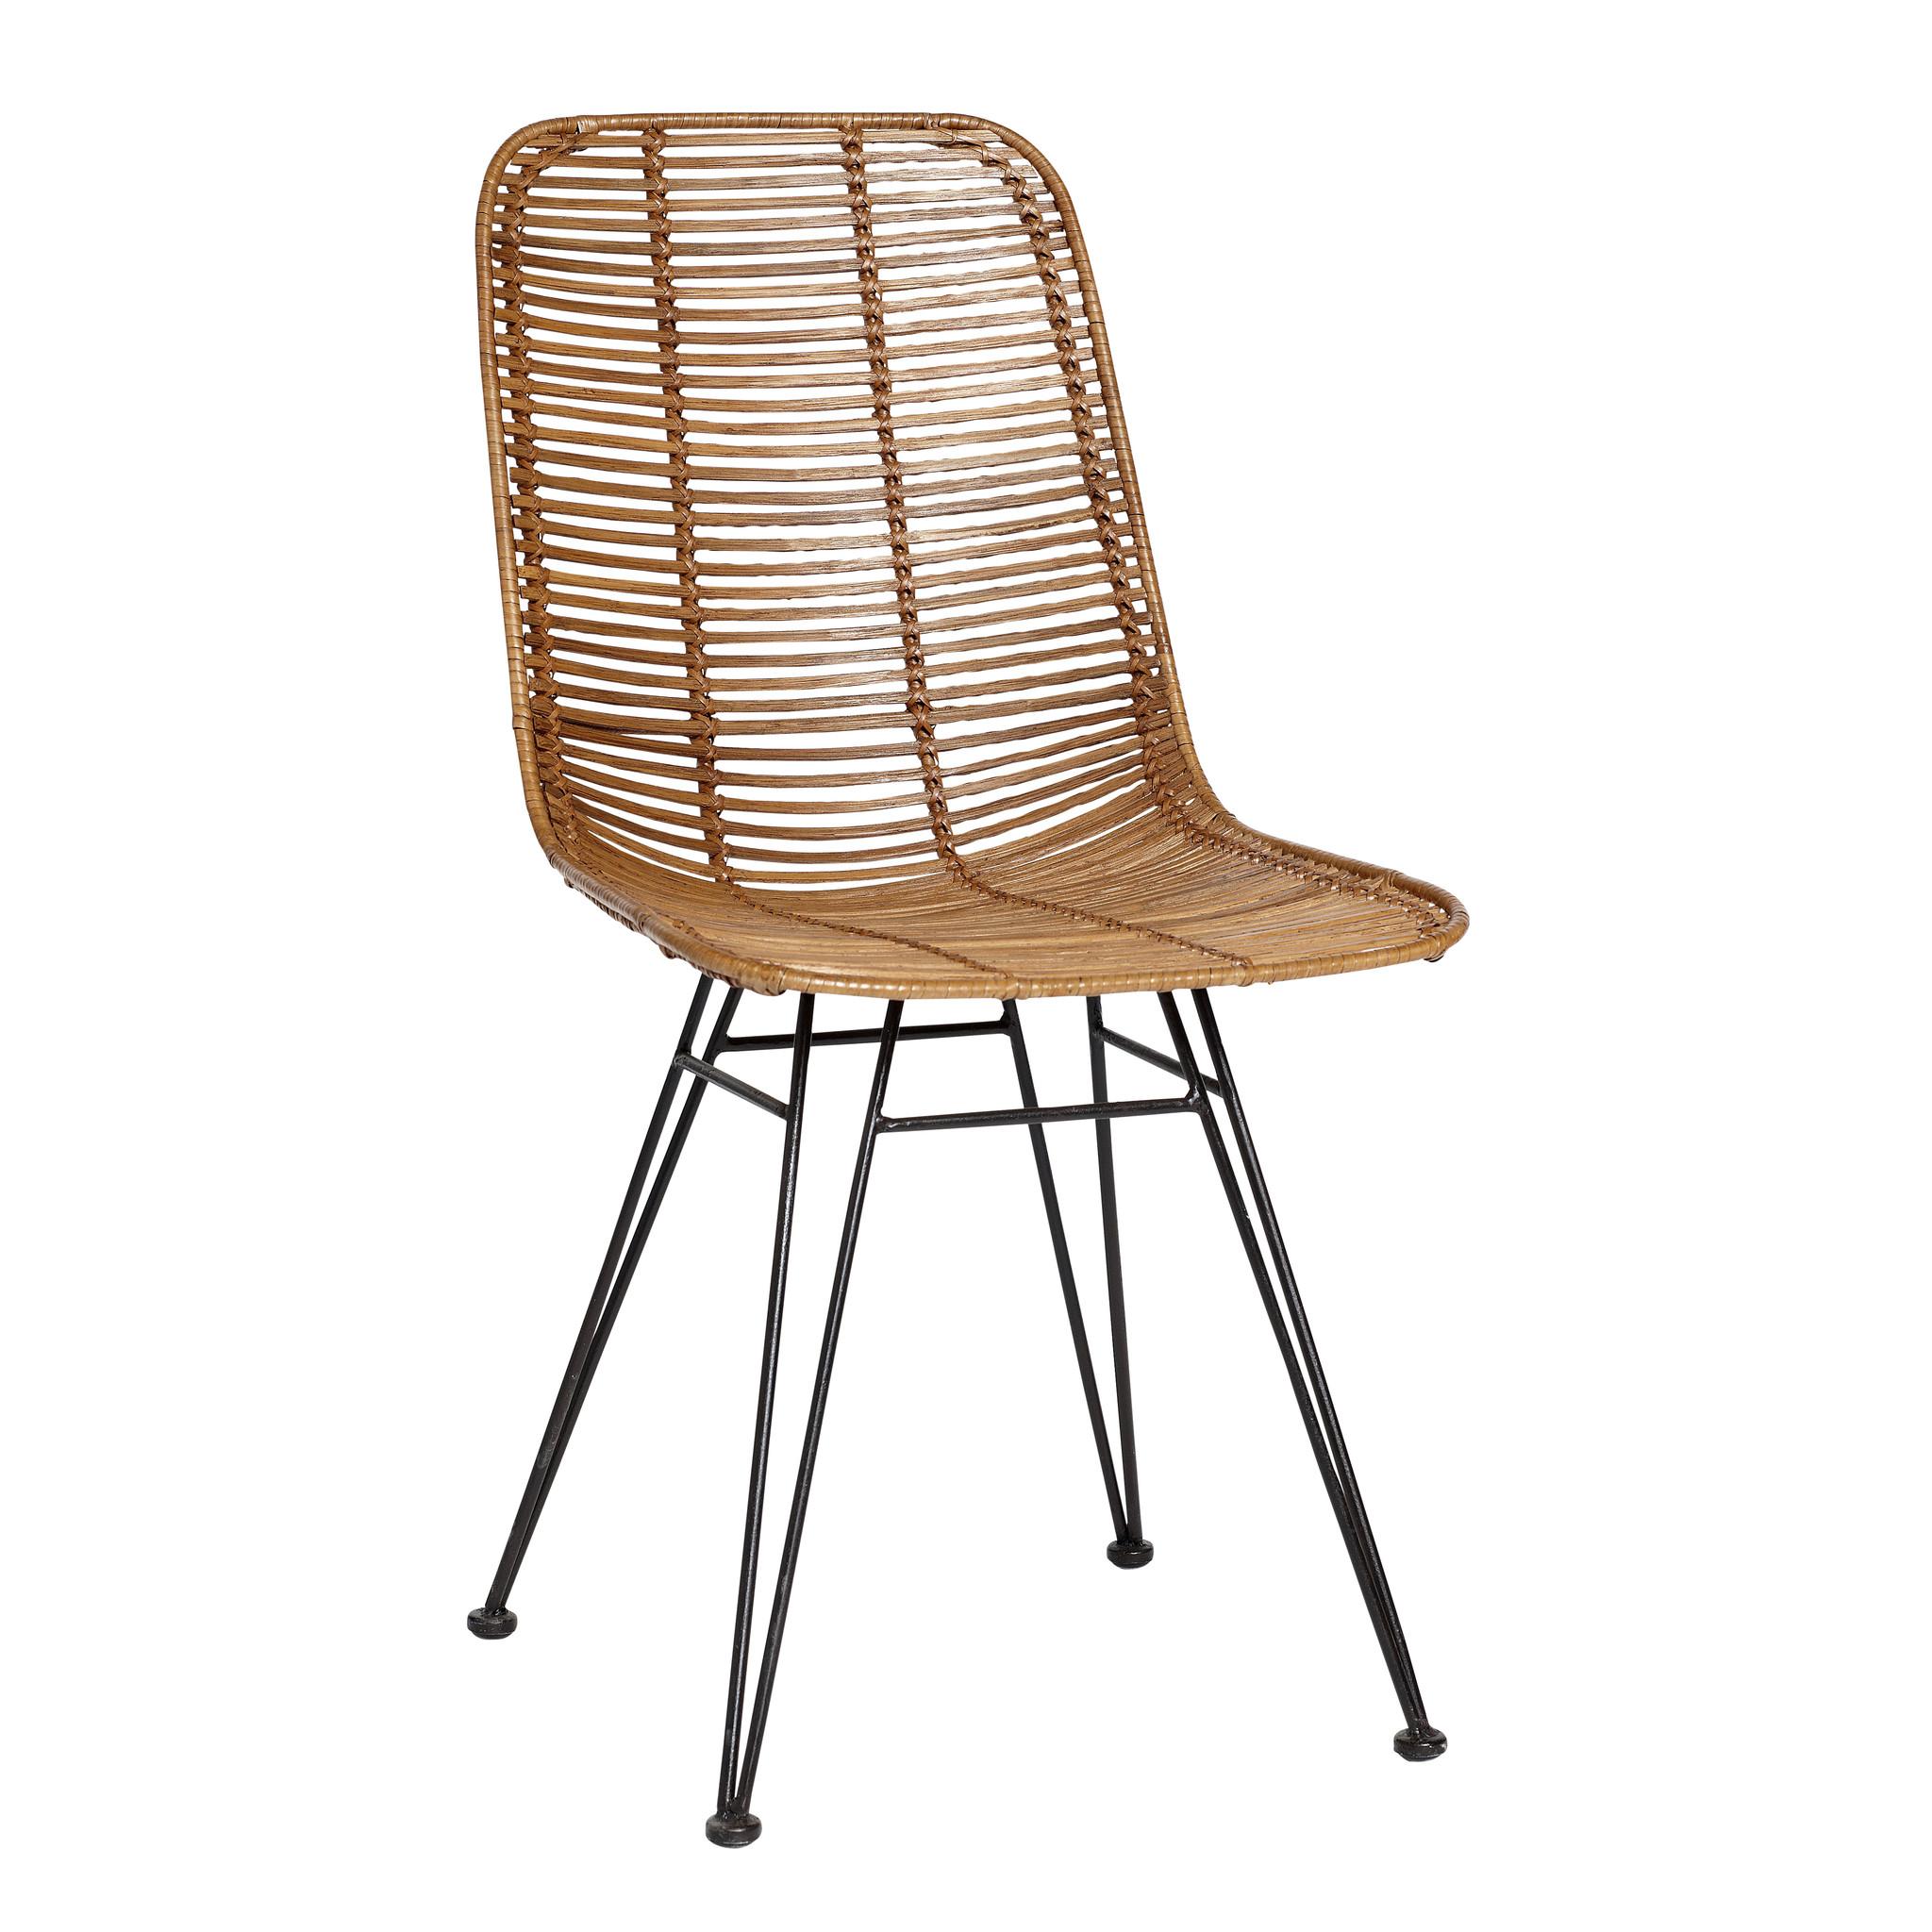 Hubsch Studio stoel, natuur